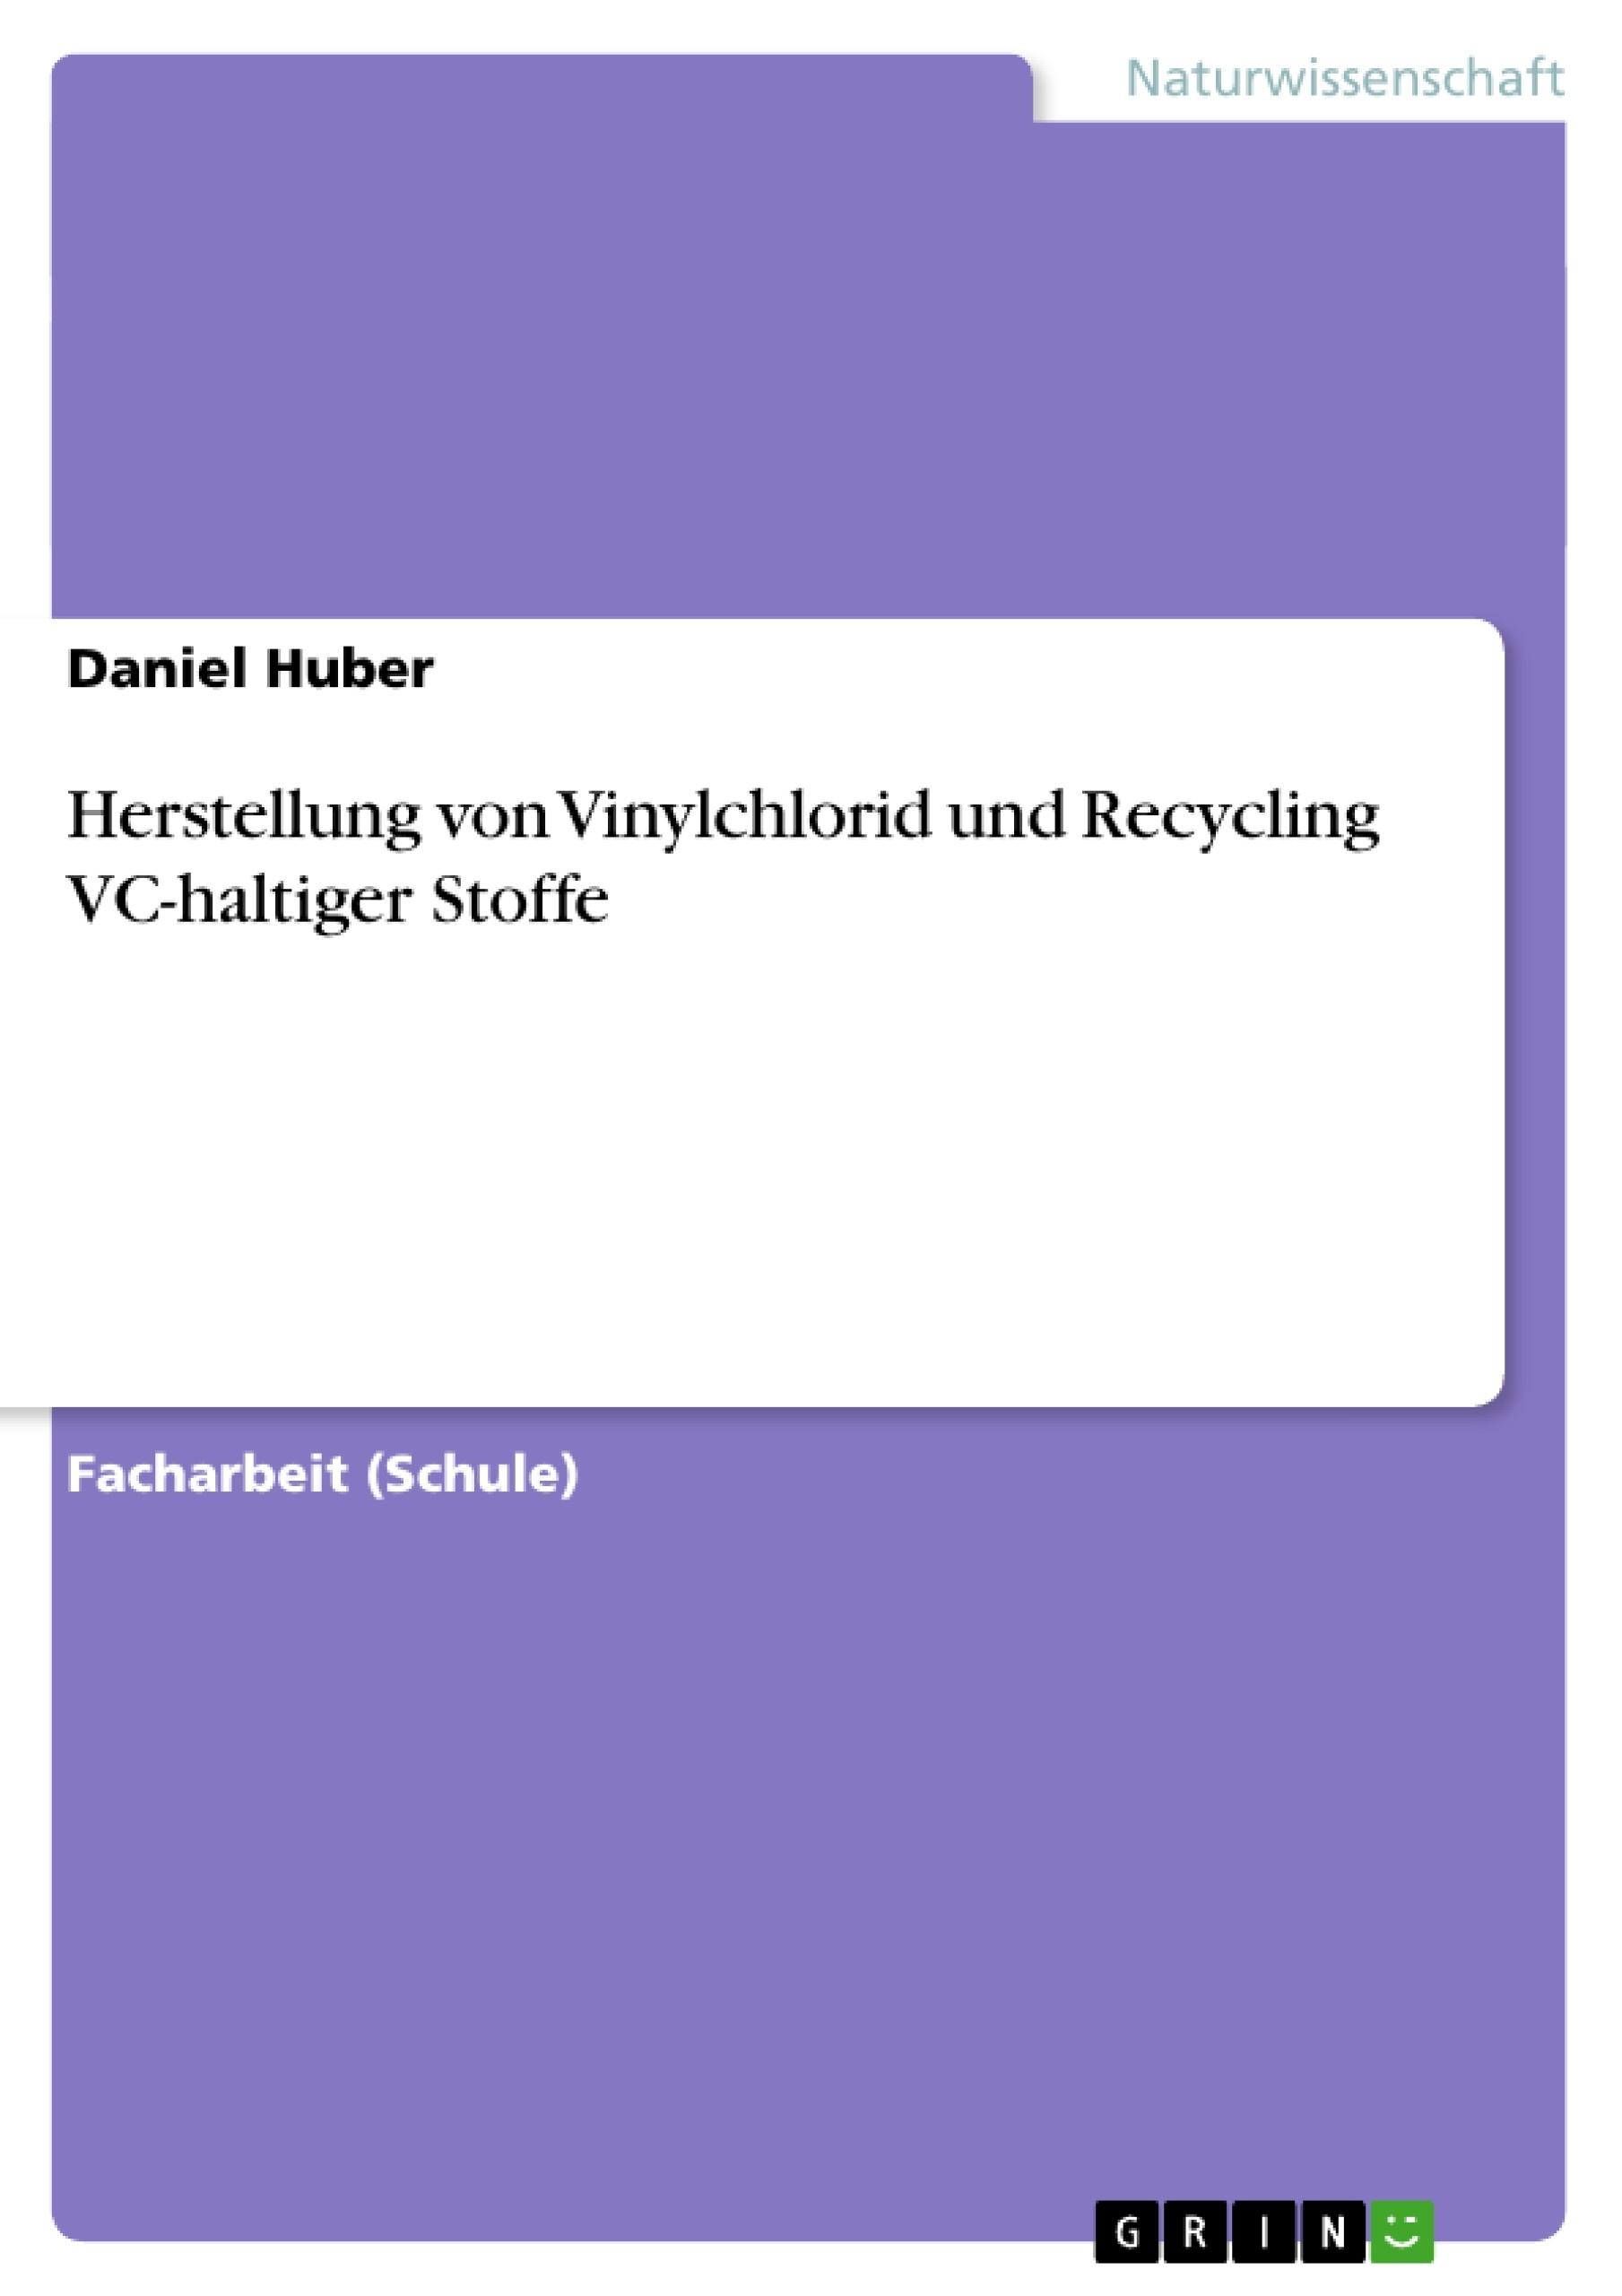 Titel: Herstellung von Vinylchlorid und Recycling VC-haltiger Stoffe